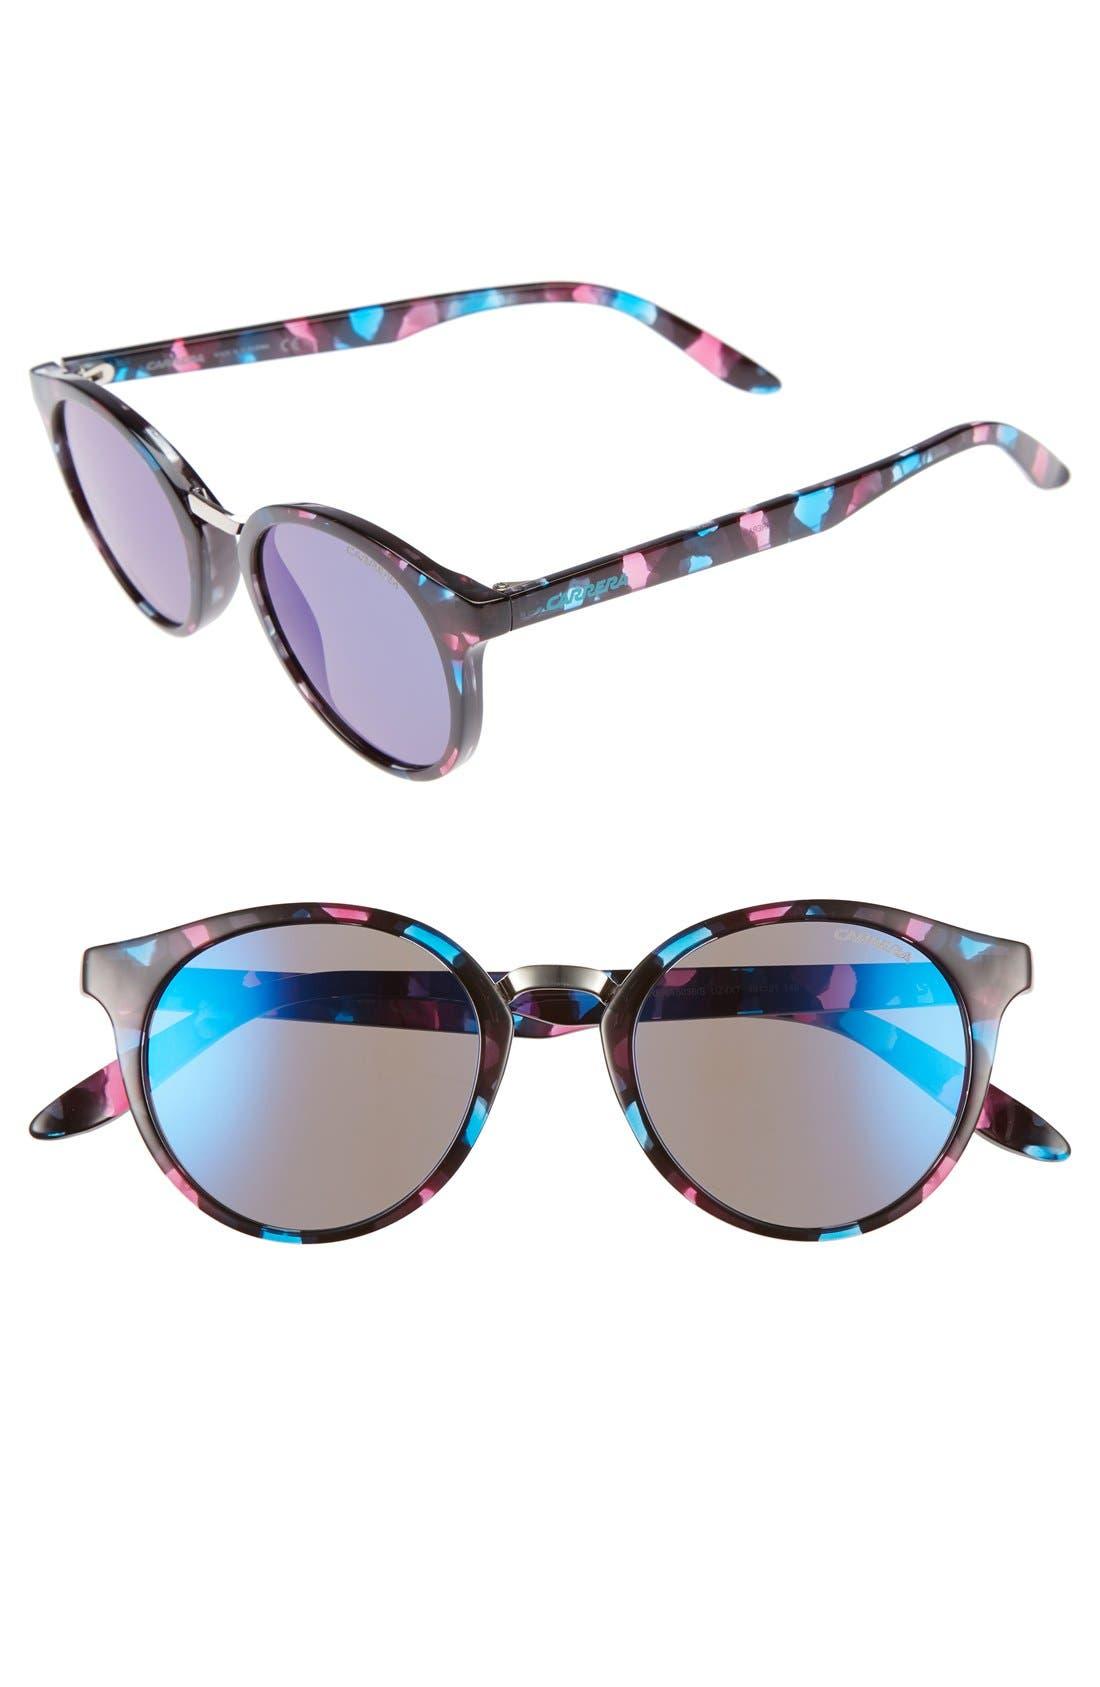 Main Image - Carrera Eyewear 49mm Round Sunglasses